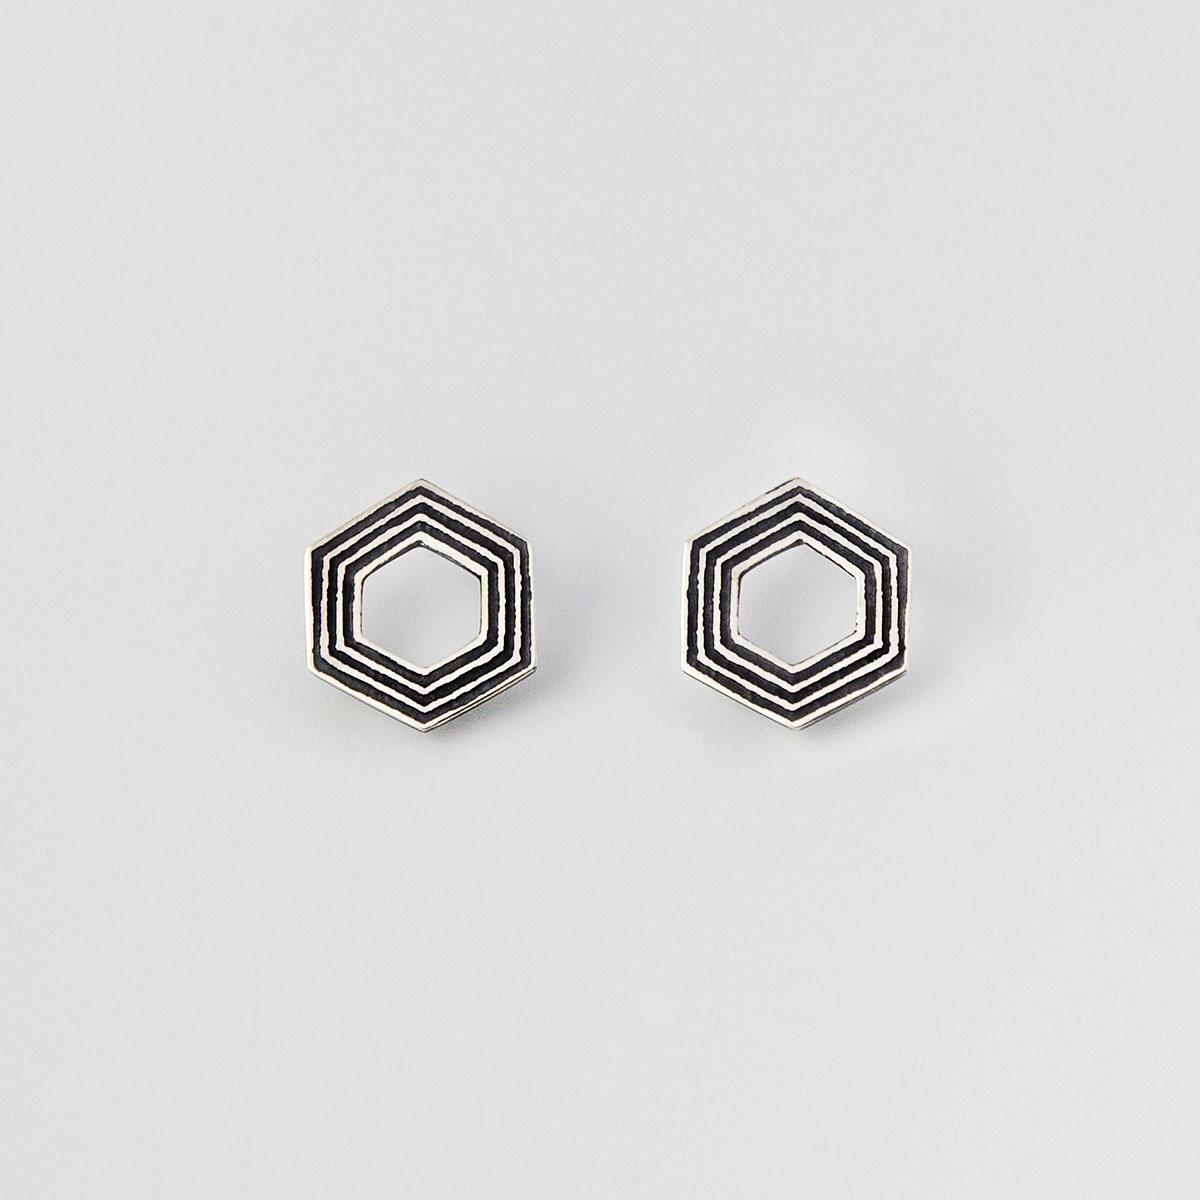 'Lines in Motion' Black Hexagonal Stud Earrings